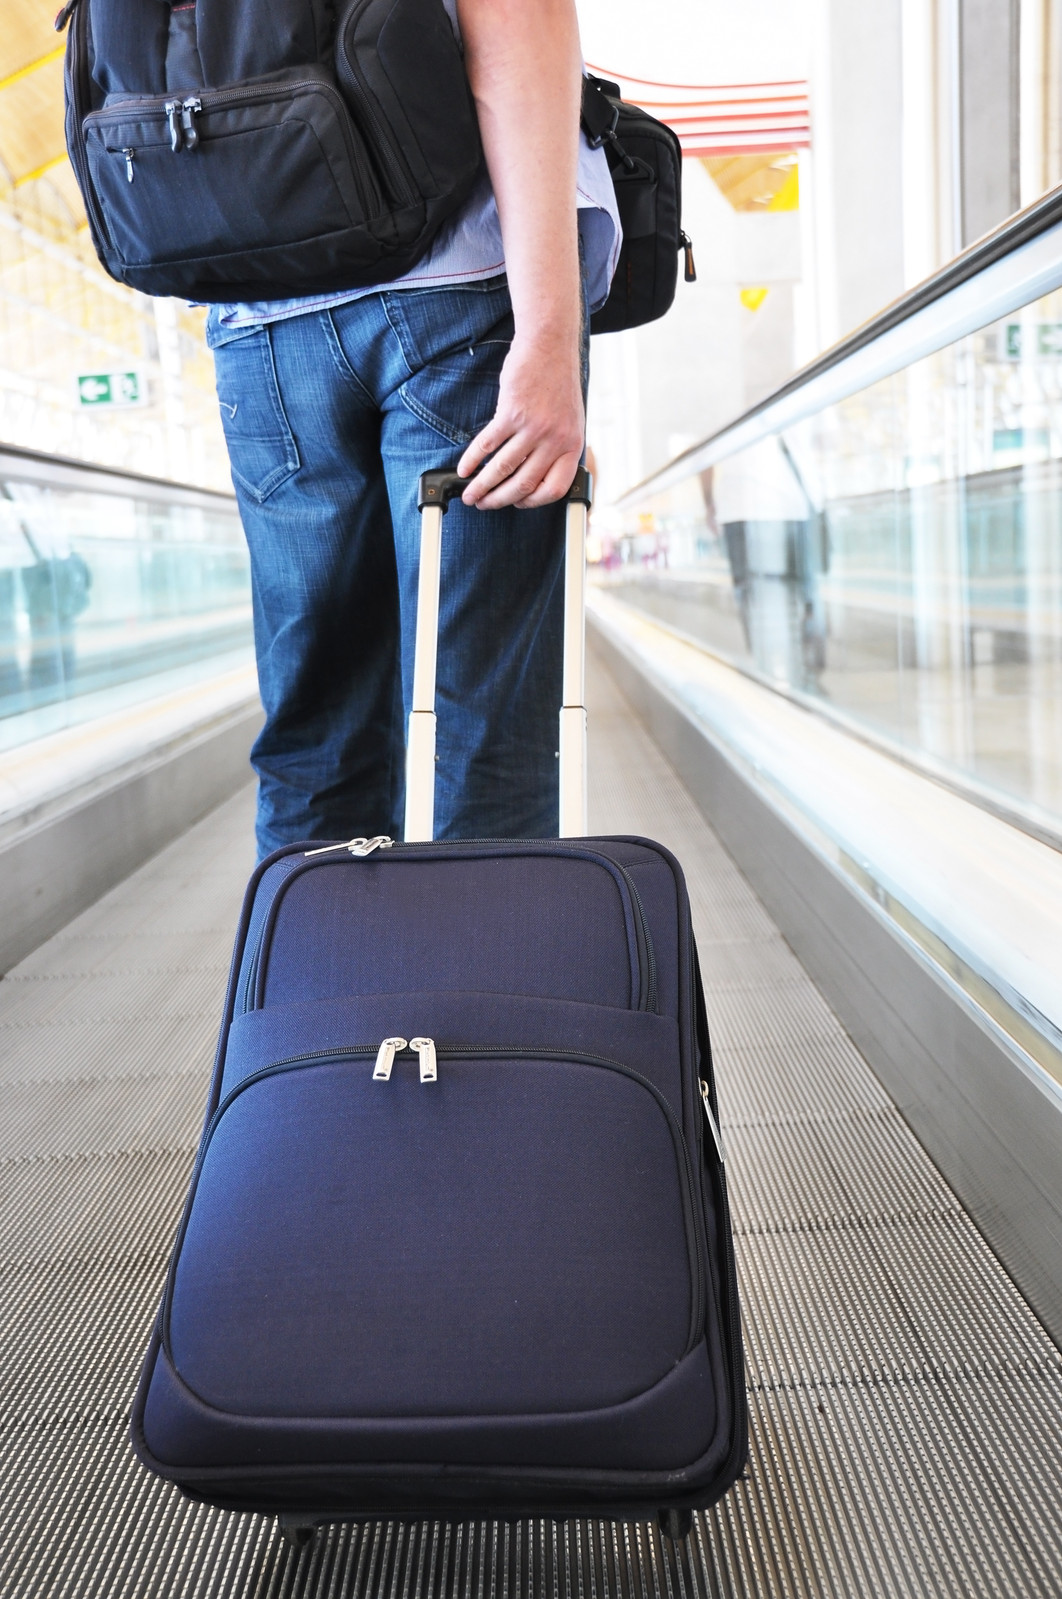 Hvert år meldes det 300 000 reiseskader til forsikringsselskapene.